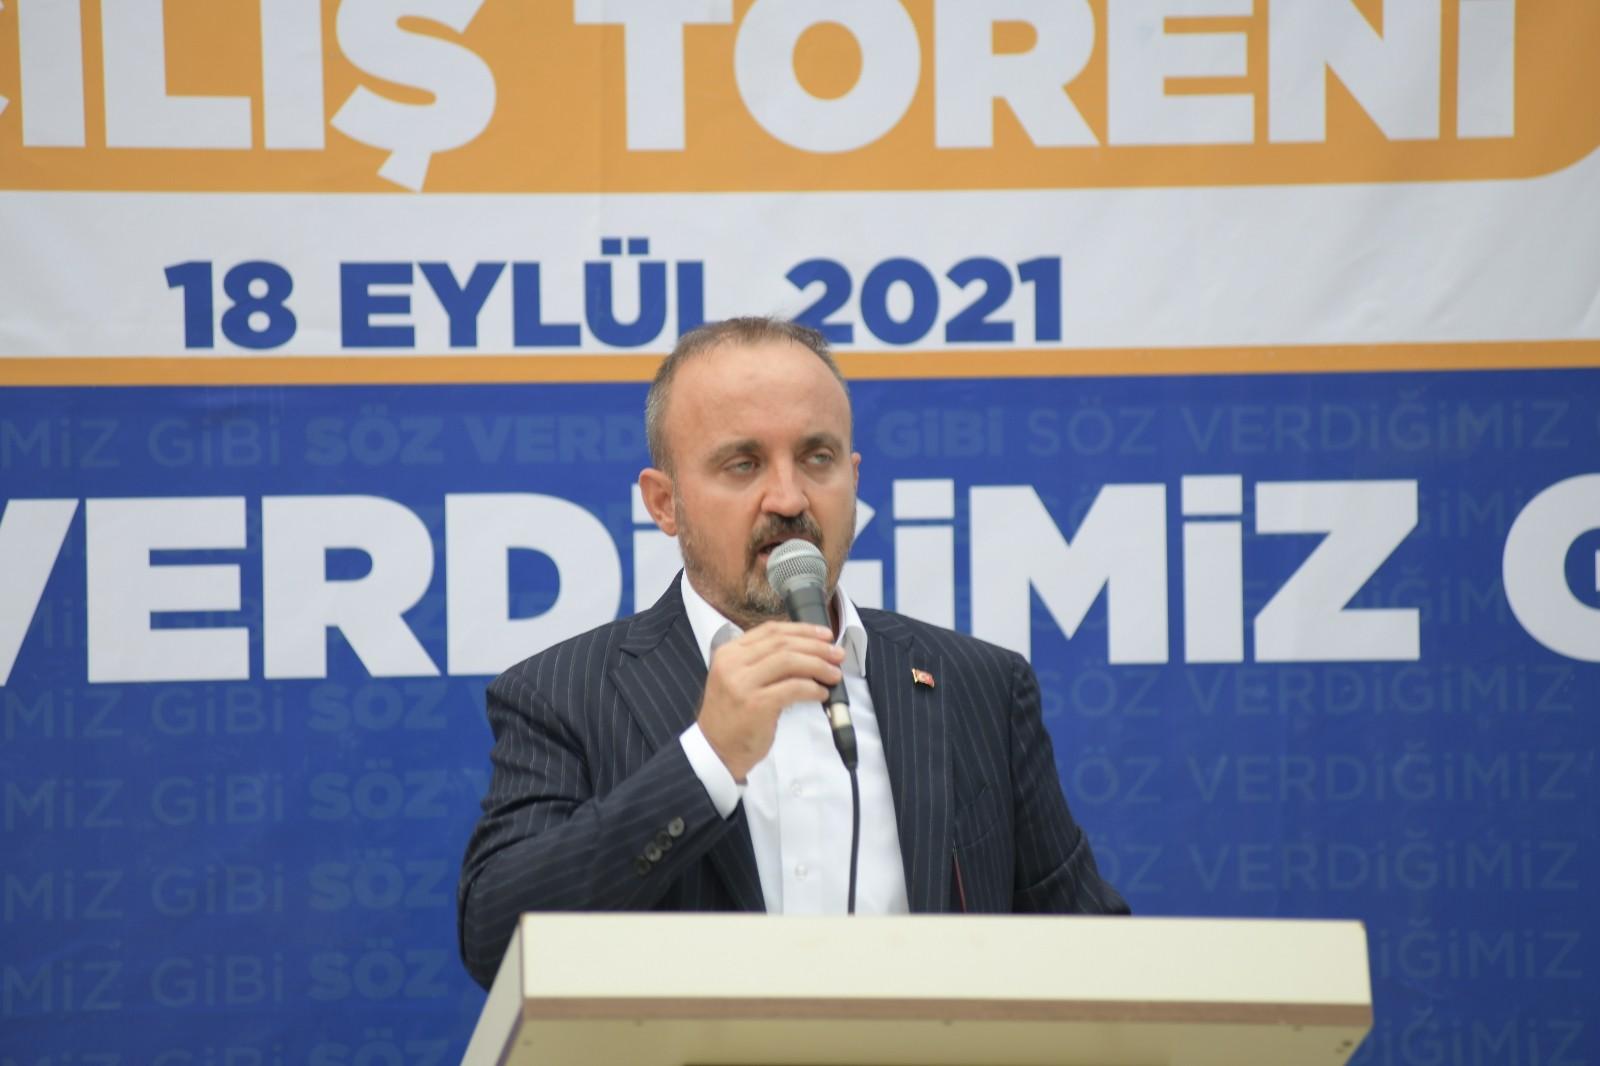 """AK Parti'li Turan: """"AB, savunduğu değerleri kağıt üzerinde bırakmamalı artık"""""""